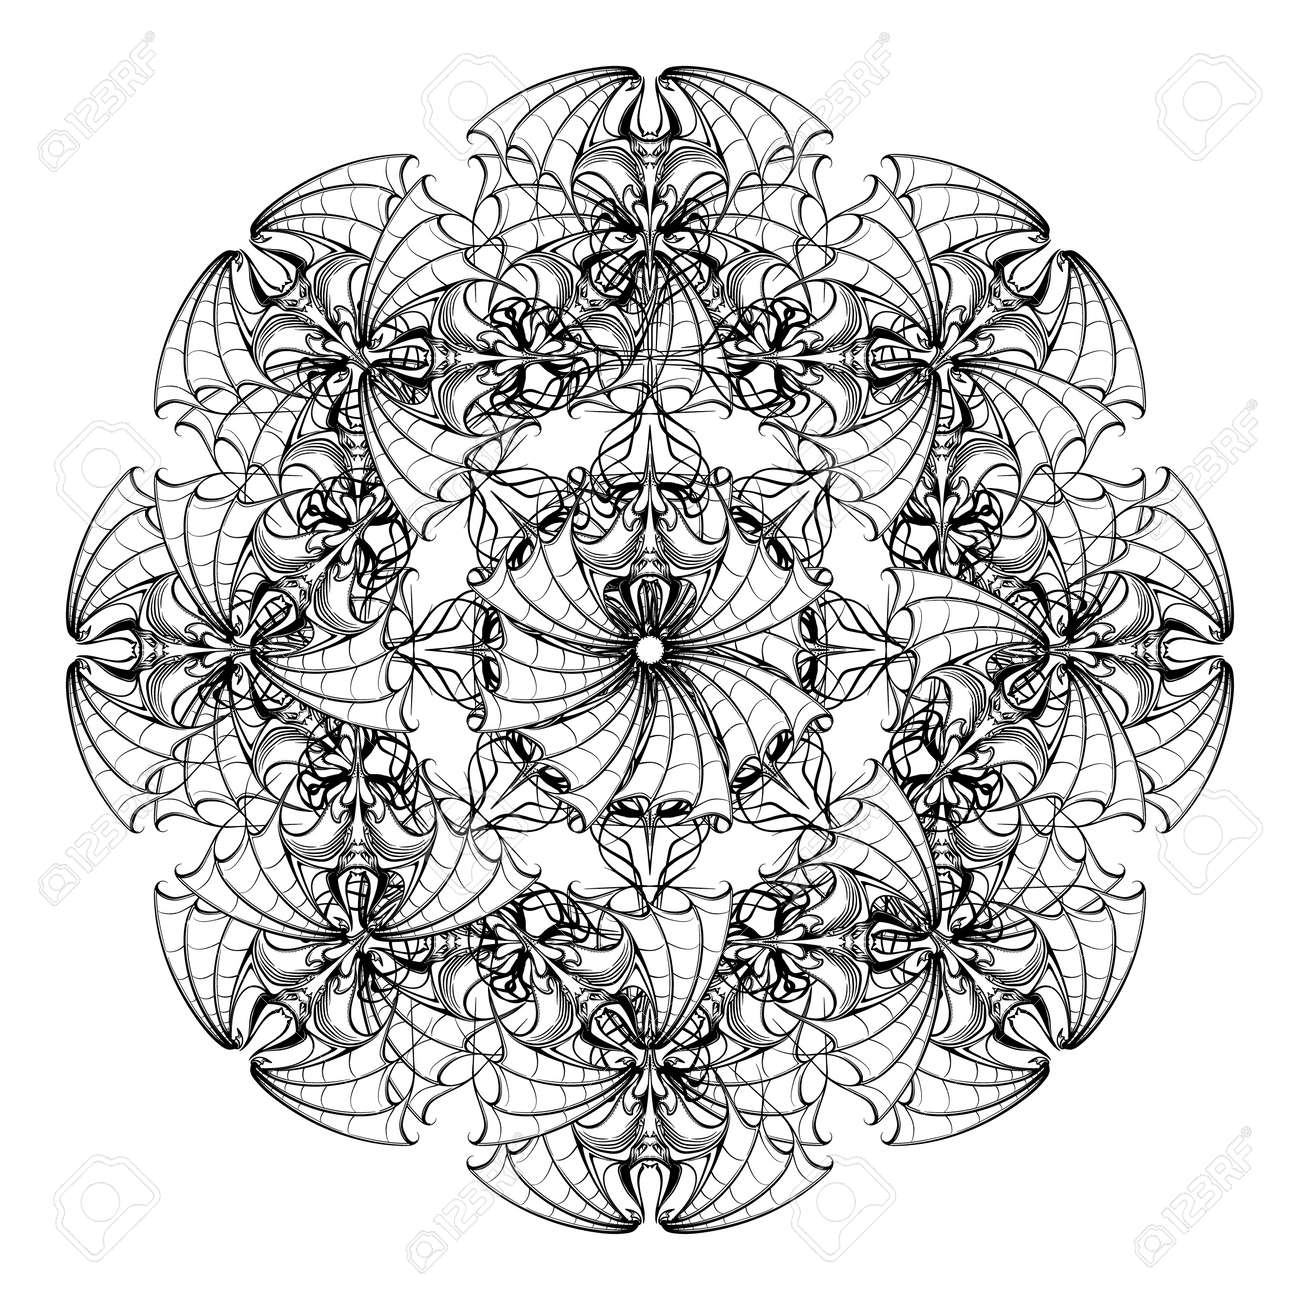 Komplizierte Stilisierte Kreisrundes Ornament Fledermause Fur